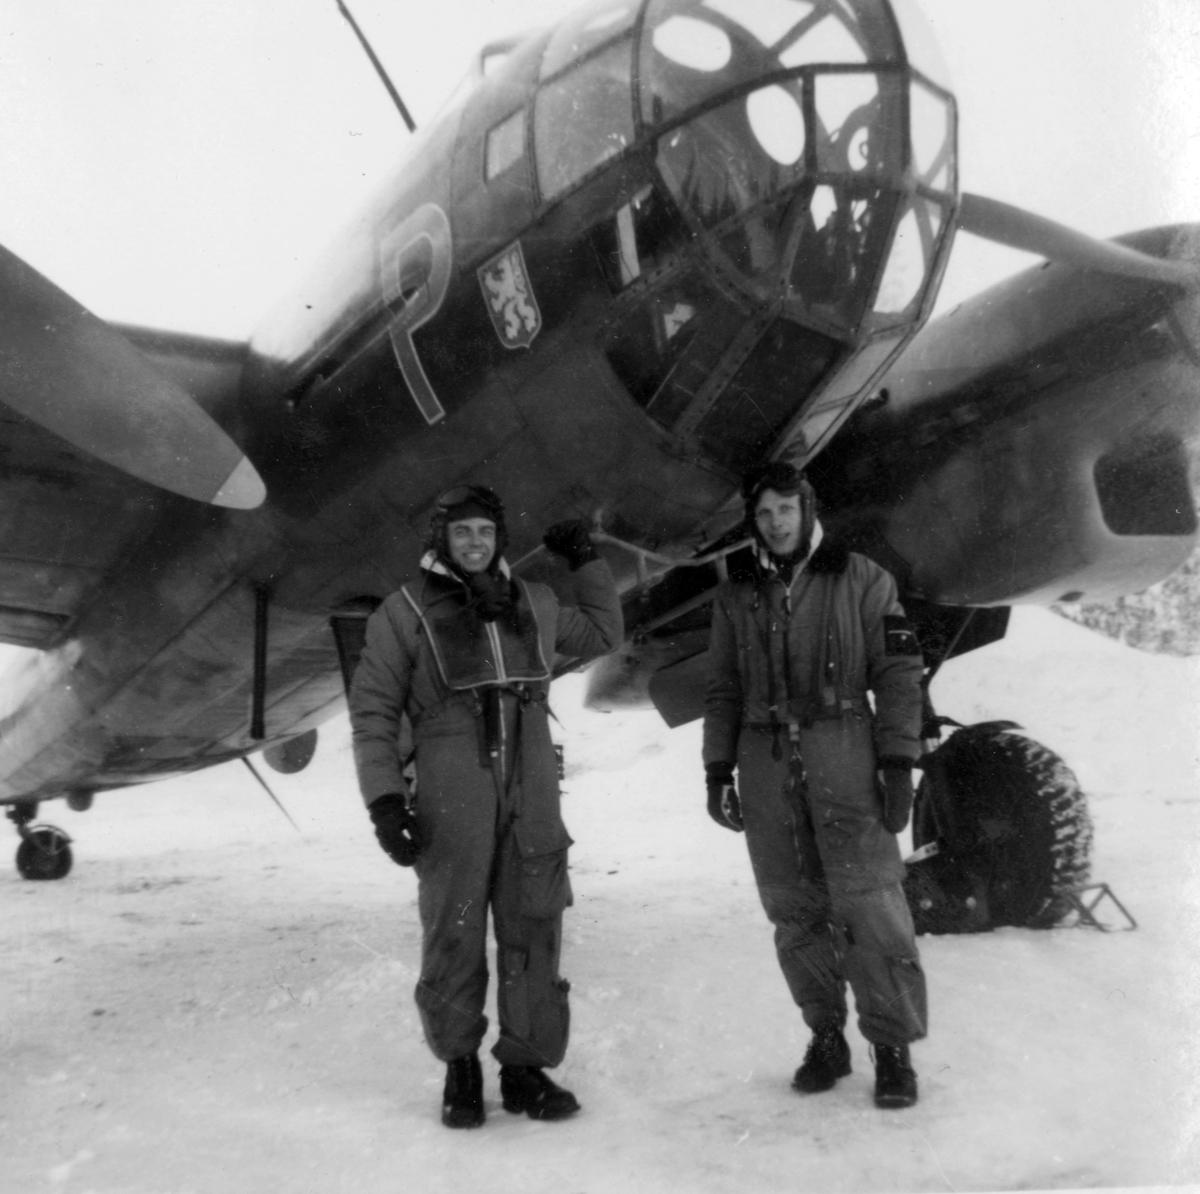 Flygmekaniker och flygförare från F 14 framför flygplan B 18 i februari 1946, i samband med planerad flygning Halmstad-Kiruna. Flygningen slutade i nödlandning i Härnösand den 10 februari.